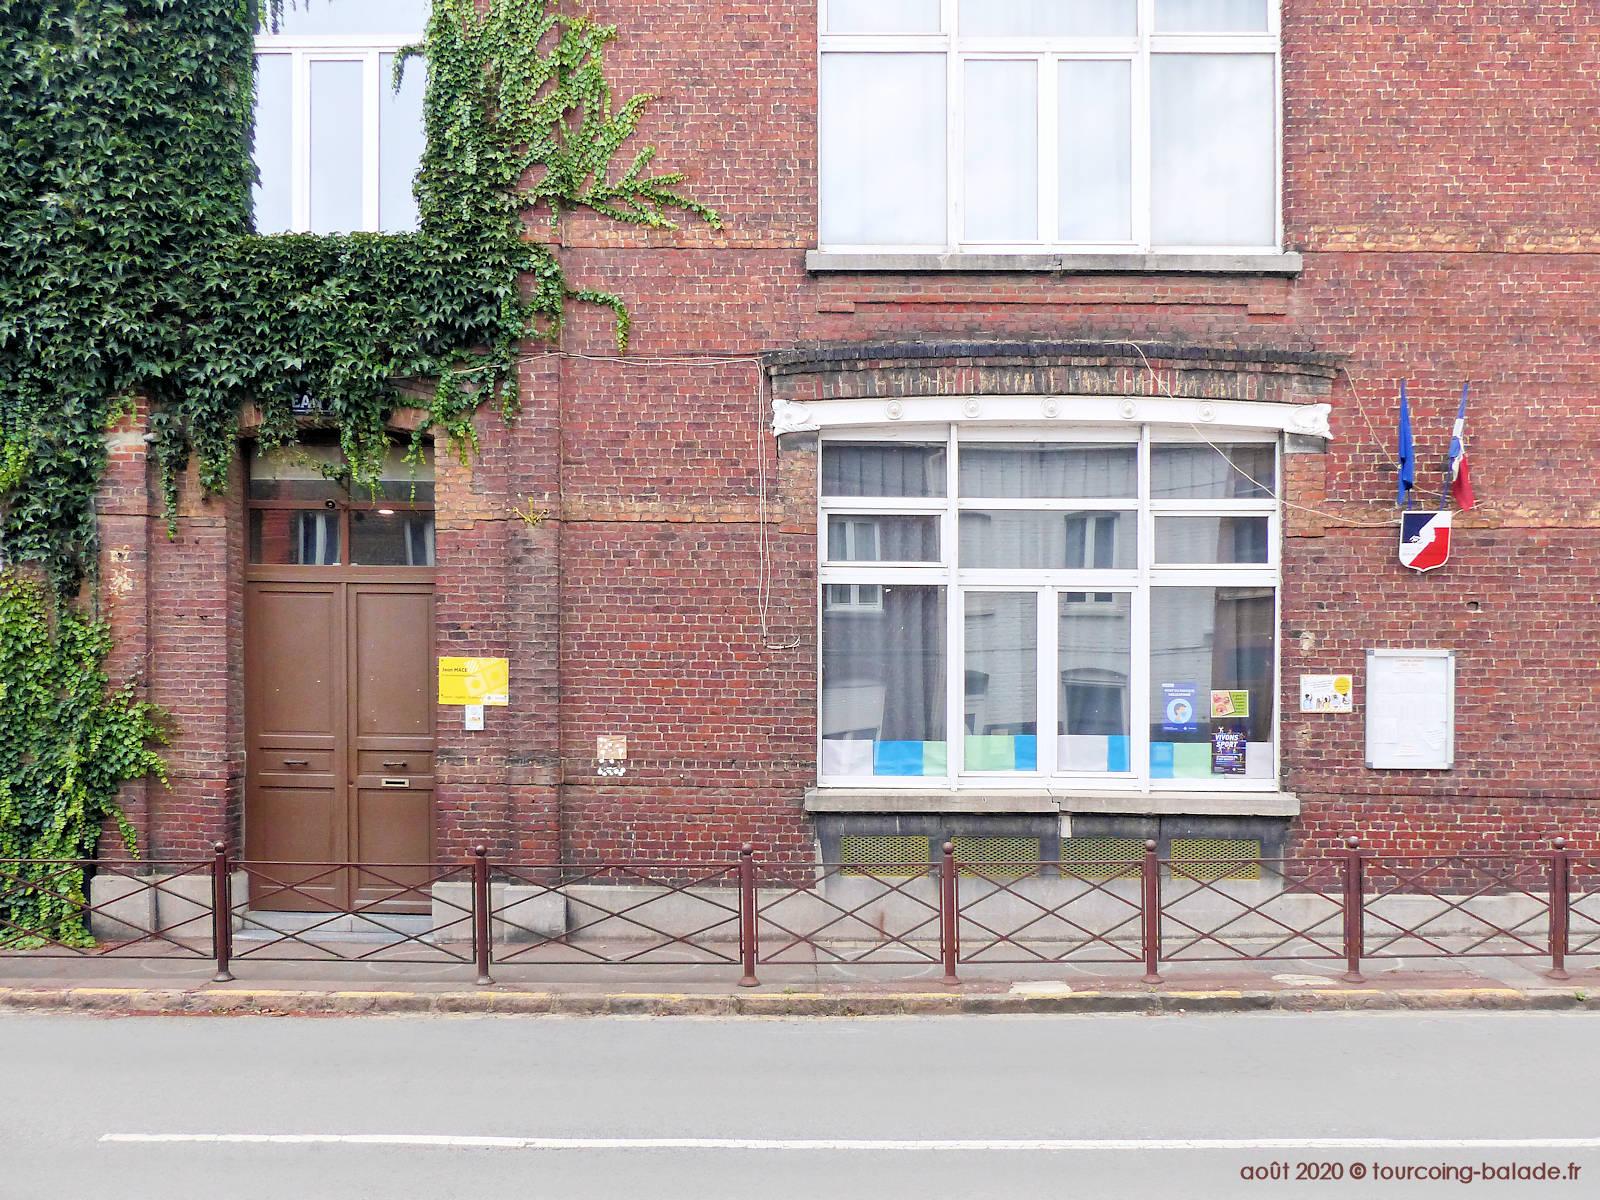 École élémentaire Jean Macé, Tourcoing 2020